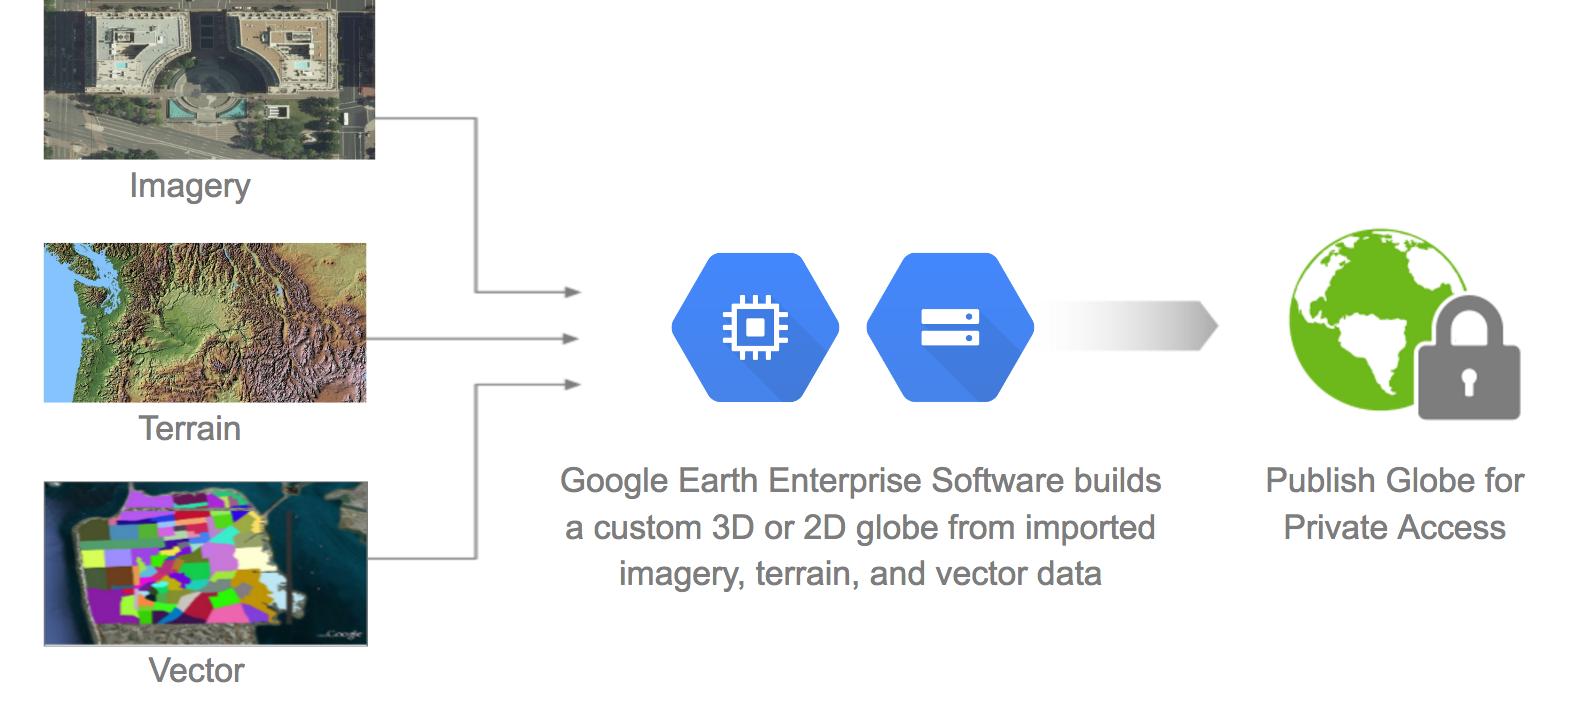 16 谷歌地球企业版正式开源,可构建自己的私有地图